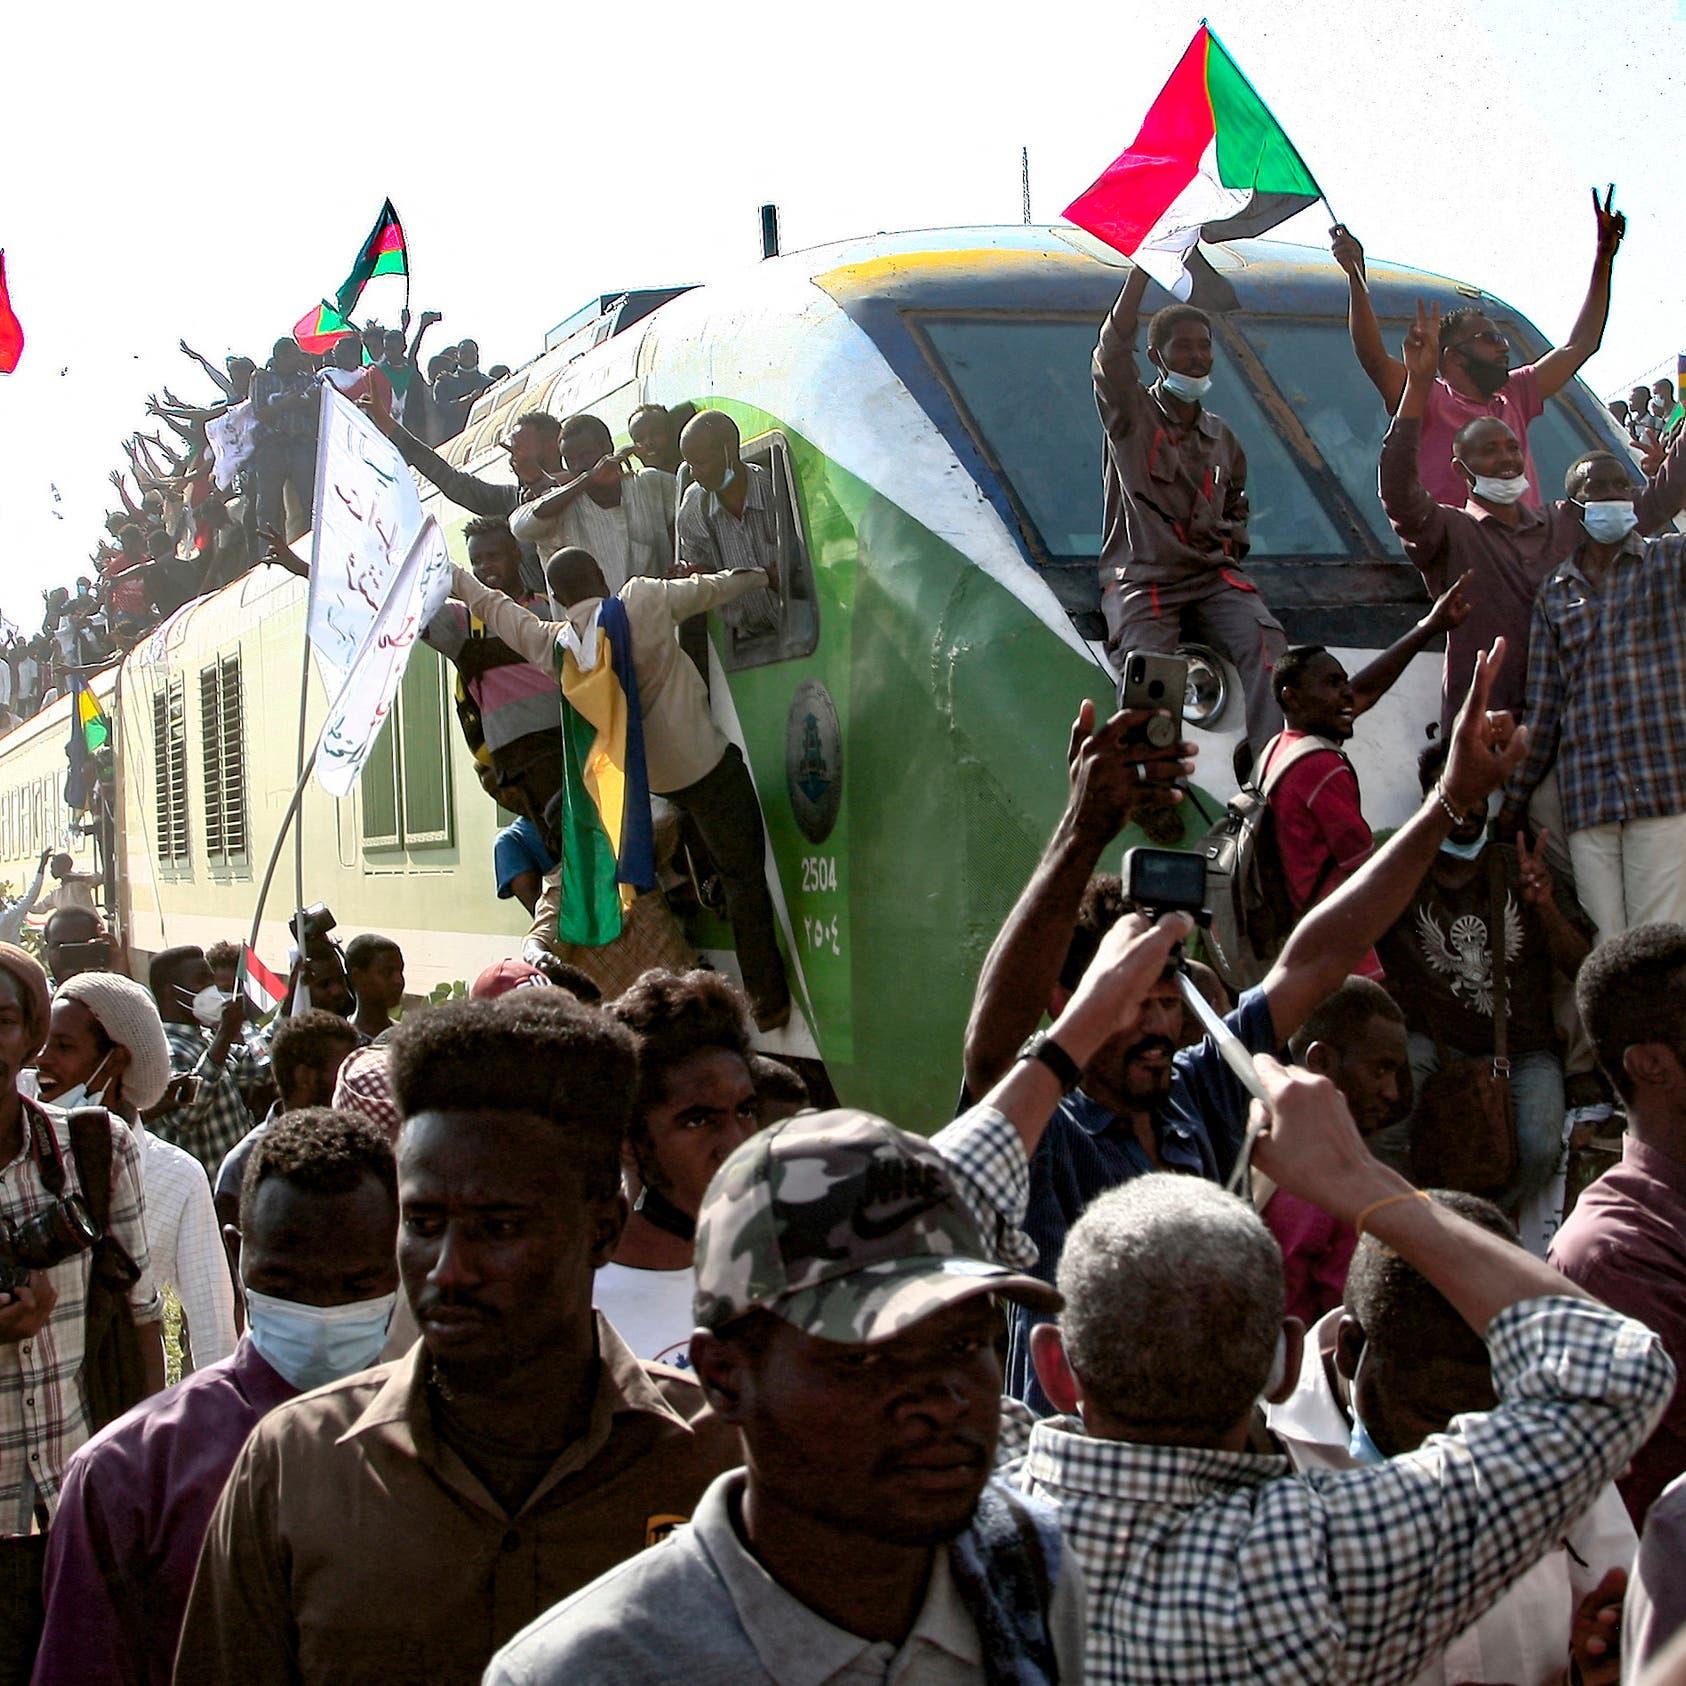 لليوم الثاني.. مواكب دعم للتحول المدني في السودان